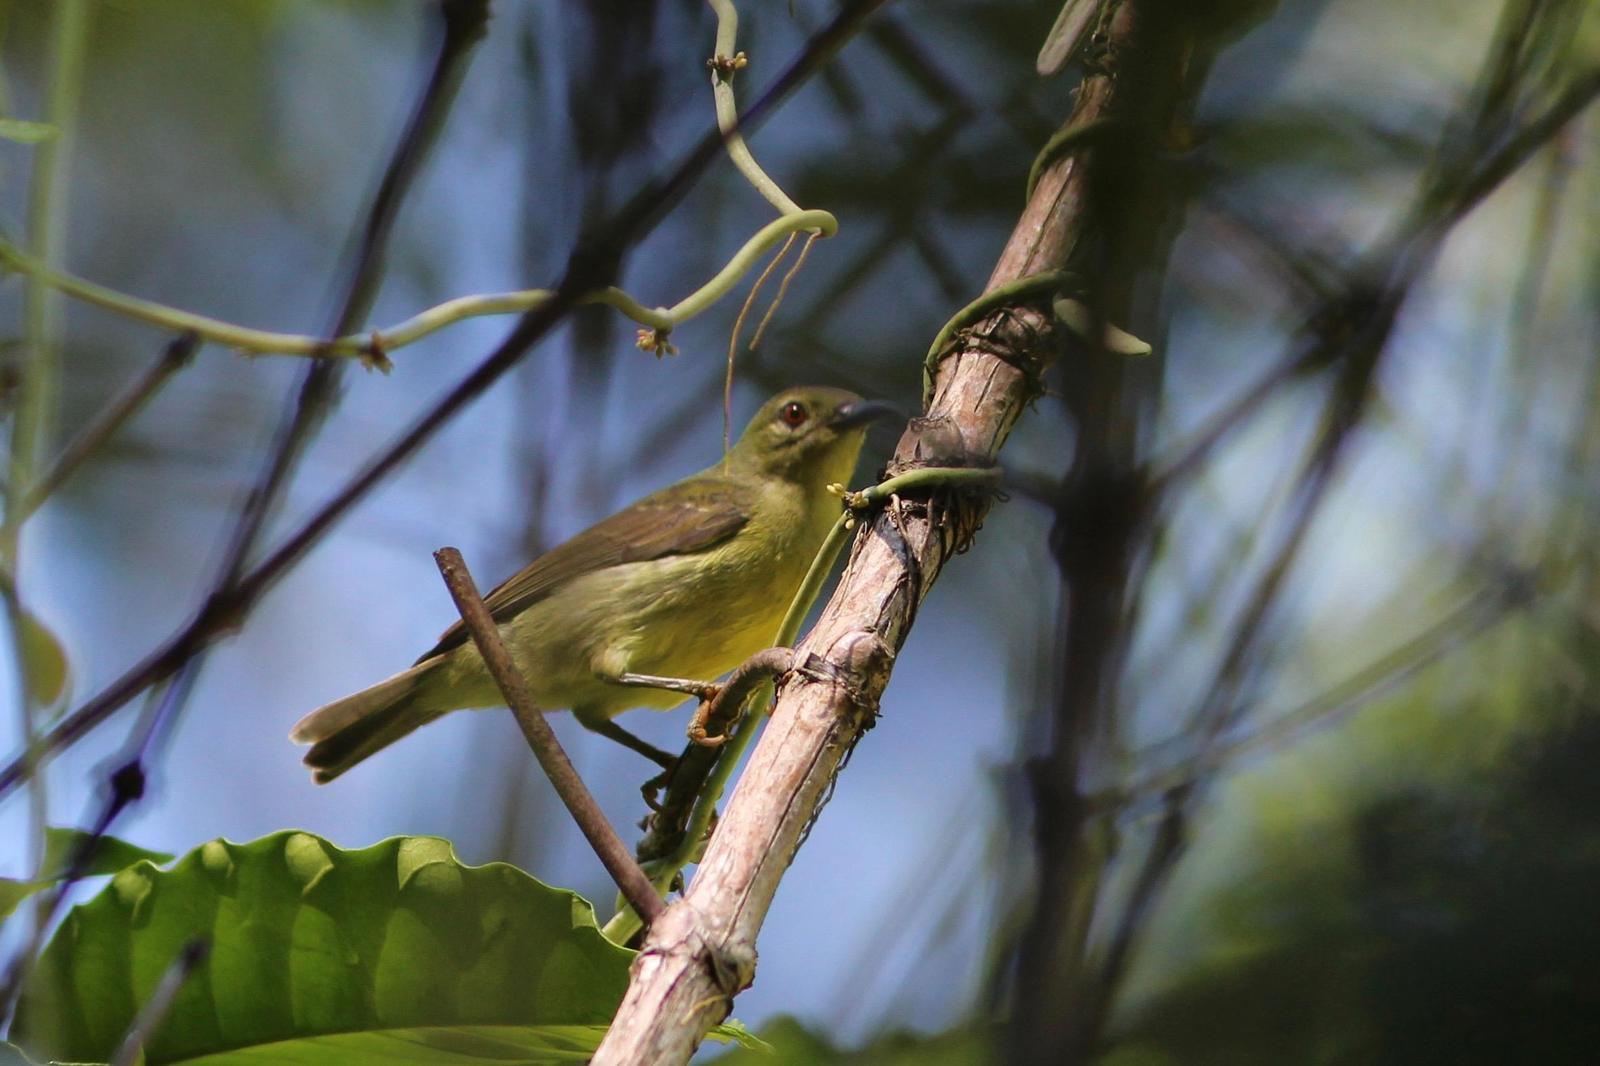 Plain-throated Sunbird Photo by Oscar Johnson